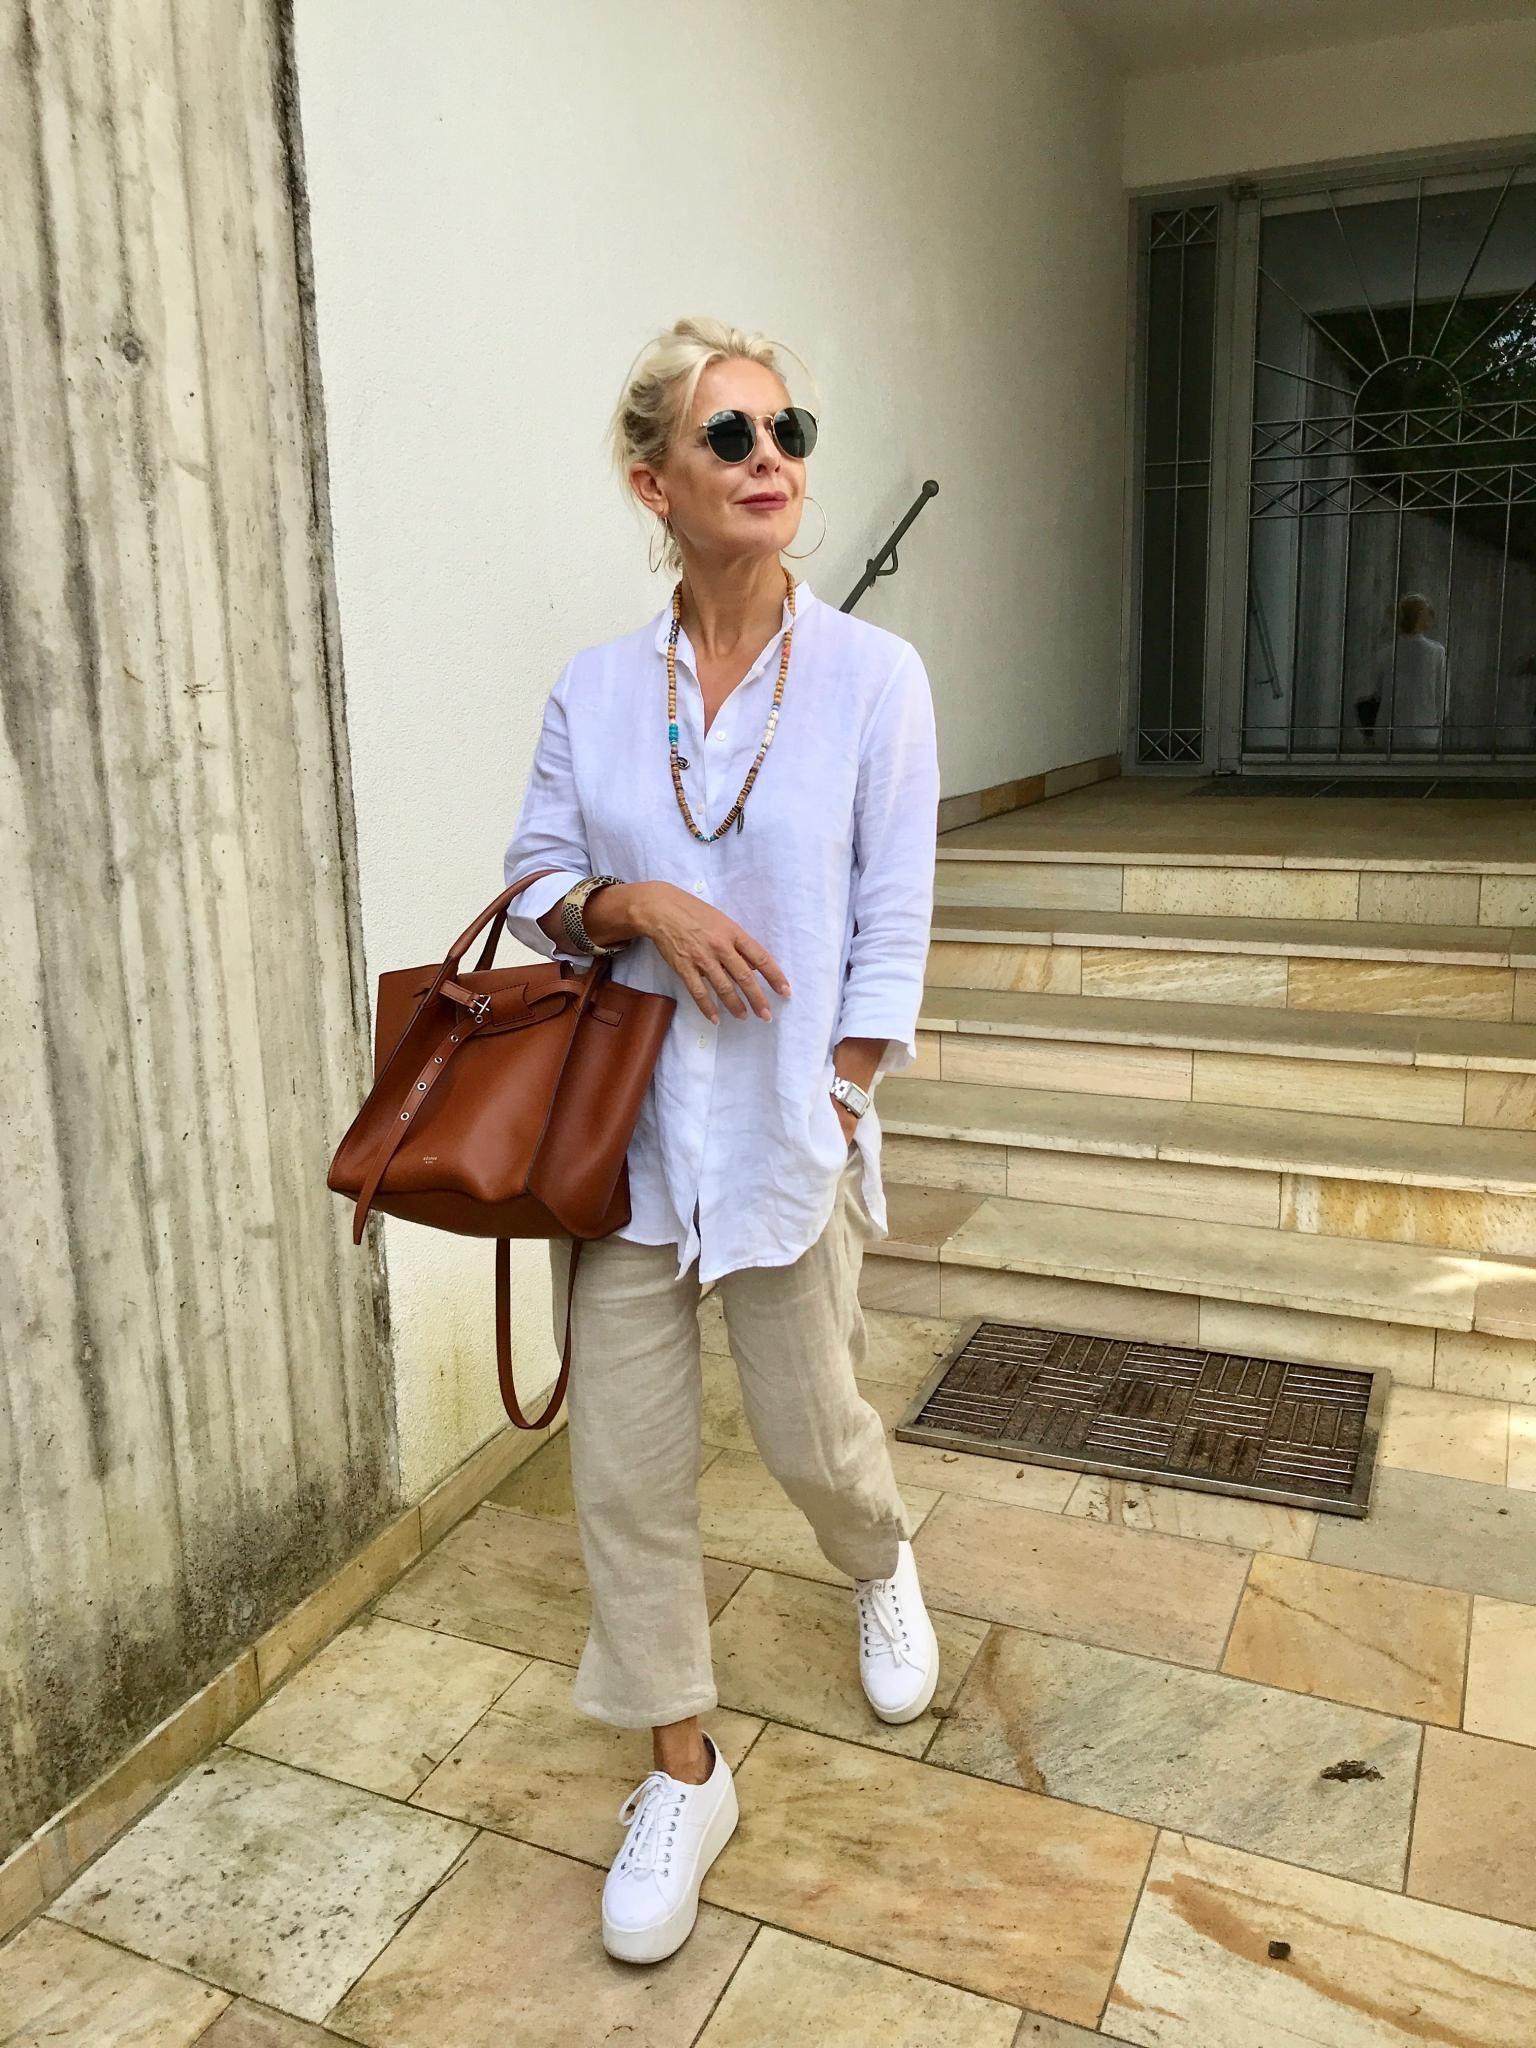 Die Bloggerin Bibi Horst stylt Leinen in vielen Variationen. | Stilexperte für Styling und Anti-Aging 45+